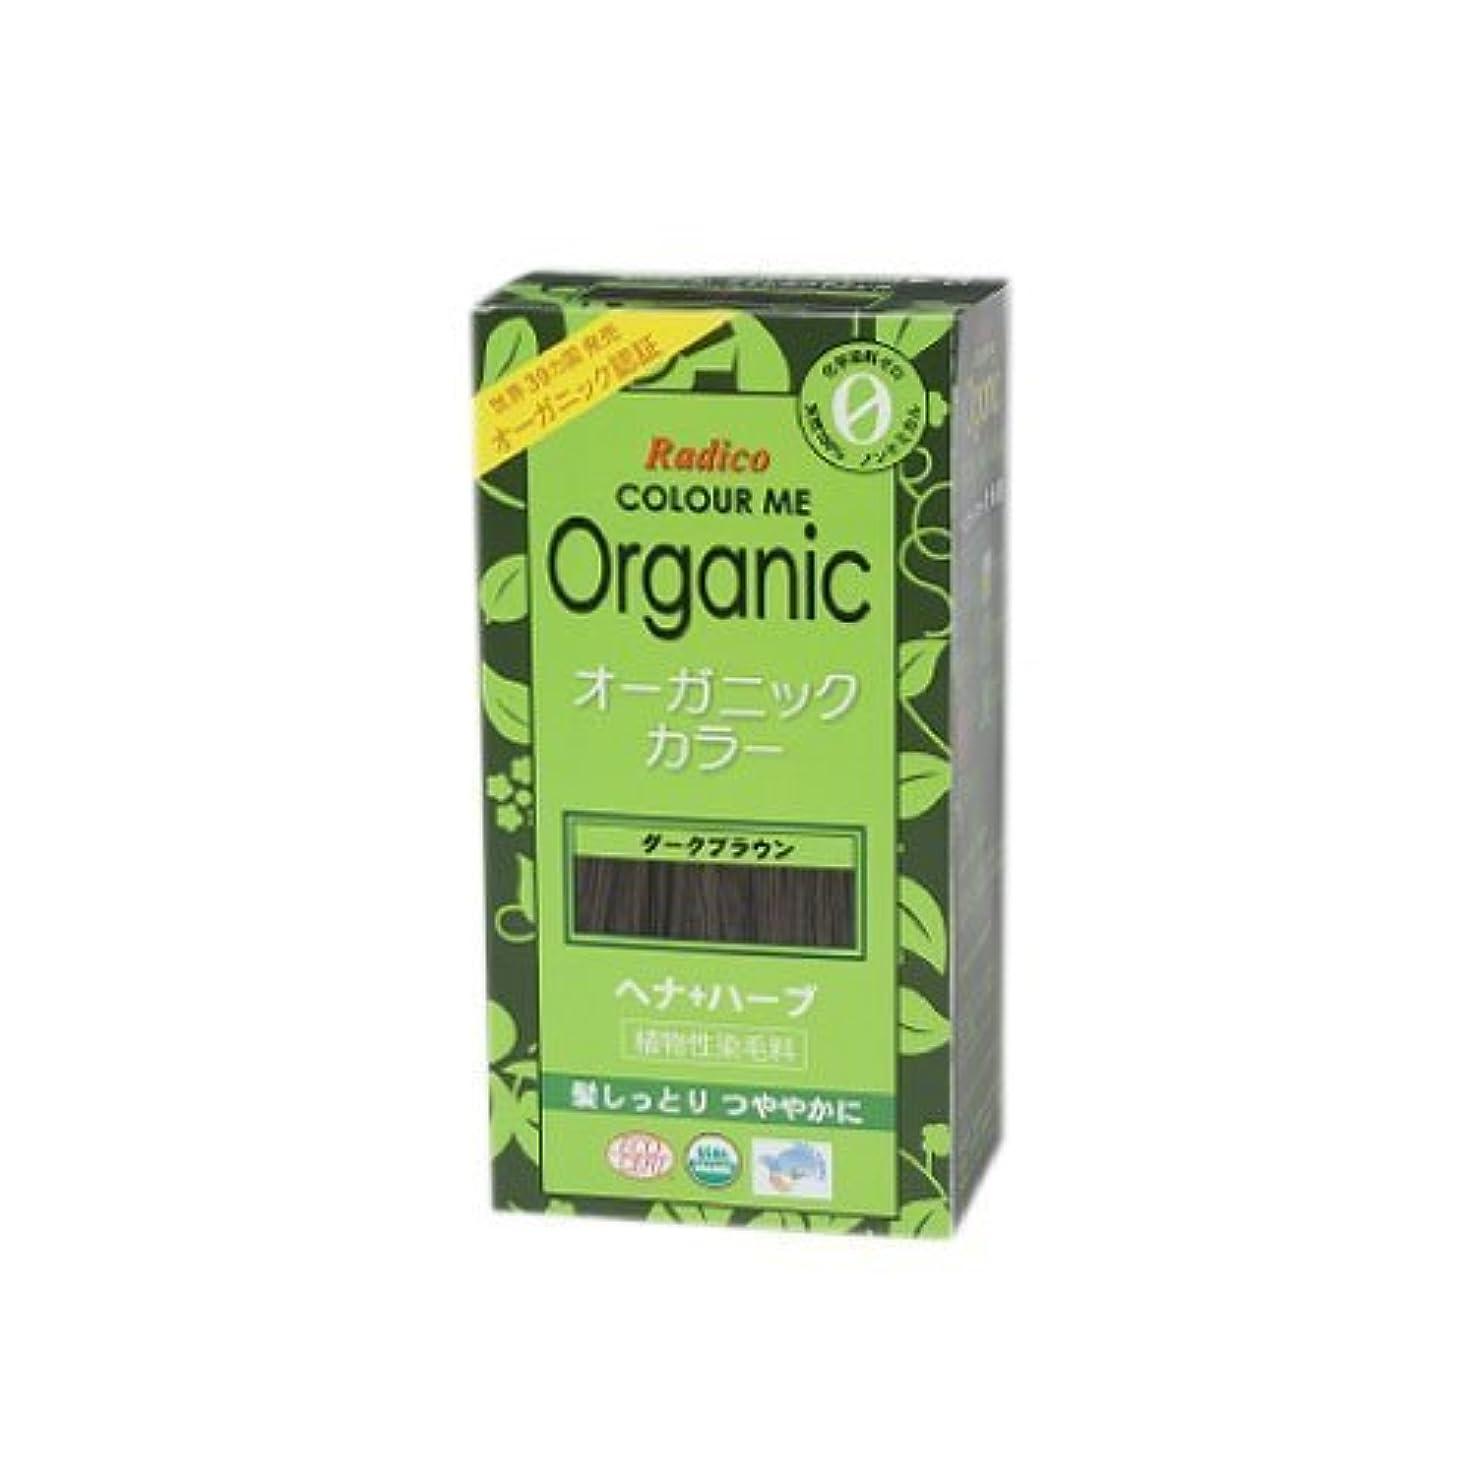 比率絡まる削減COLOURME Organic (カラーミーオーガニック ヘナ 白髪用) ダークブラウン 100g